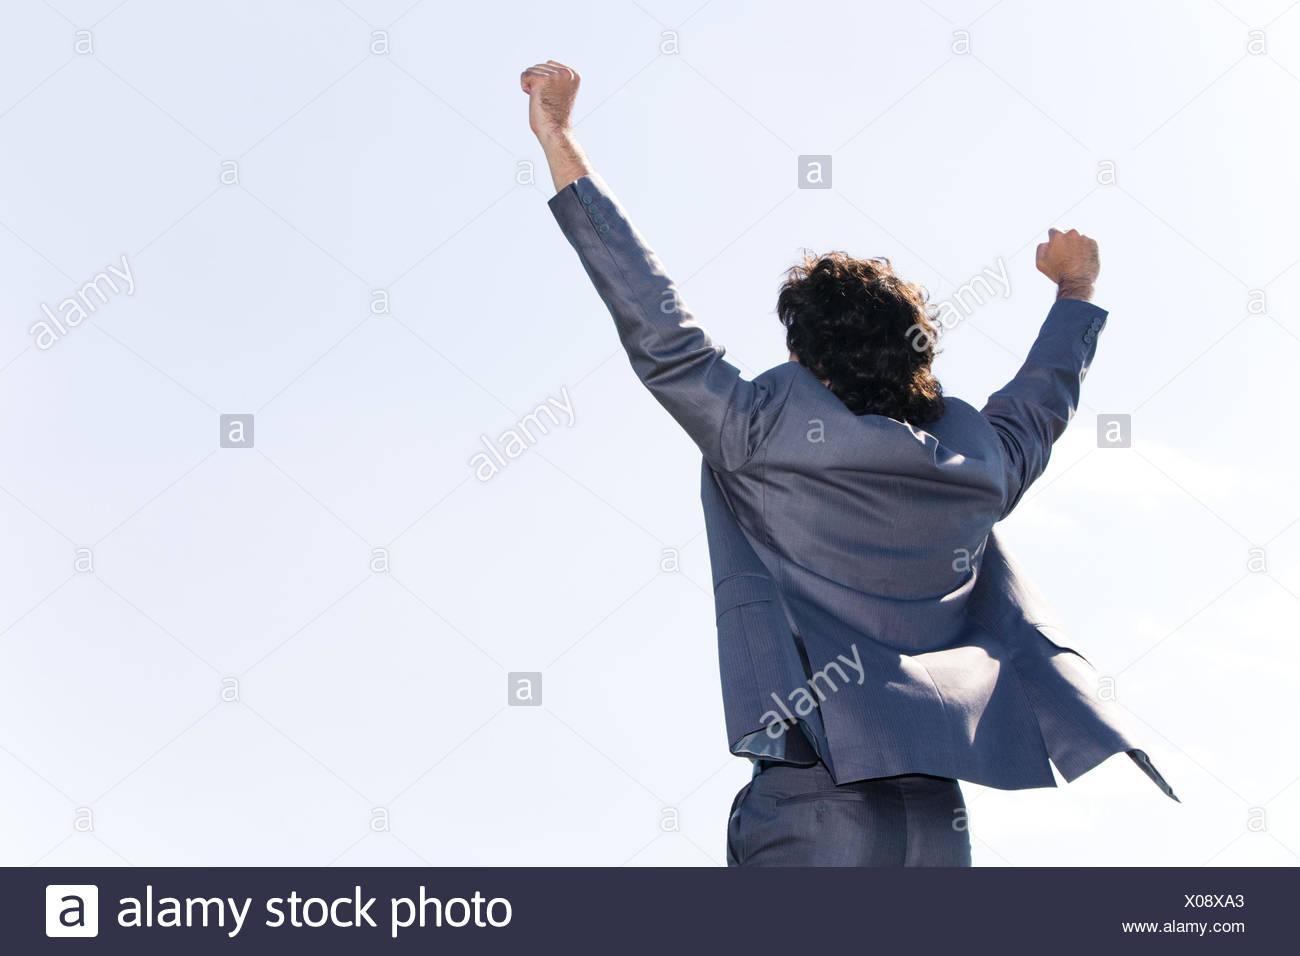 Azul de gestos humanos seres humanos personas personas folk derechos humano aplazamiento DE MOVIMIENTO movimiento exitoso movimiento hacia arriba Imagen De Stock